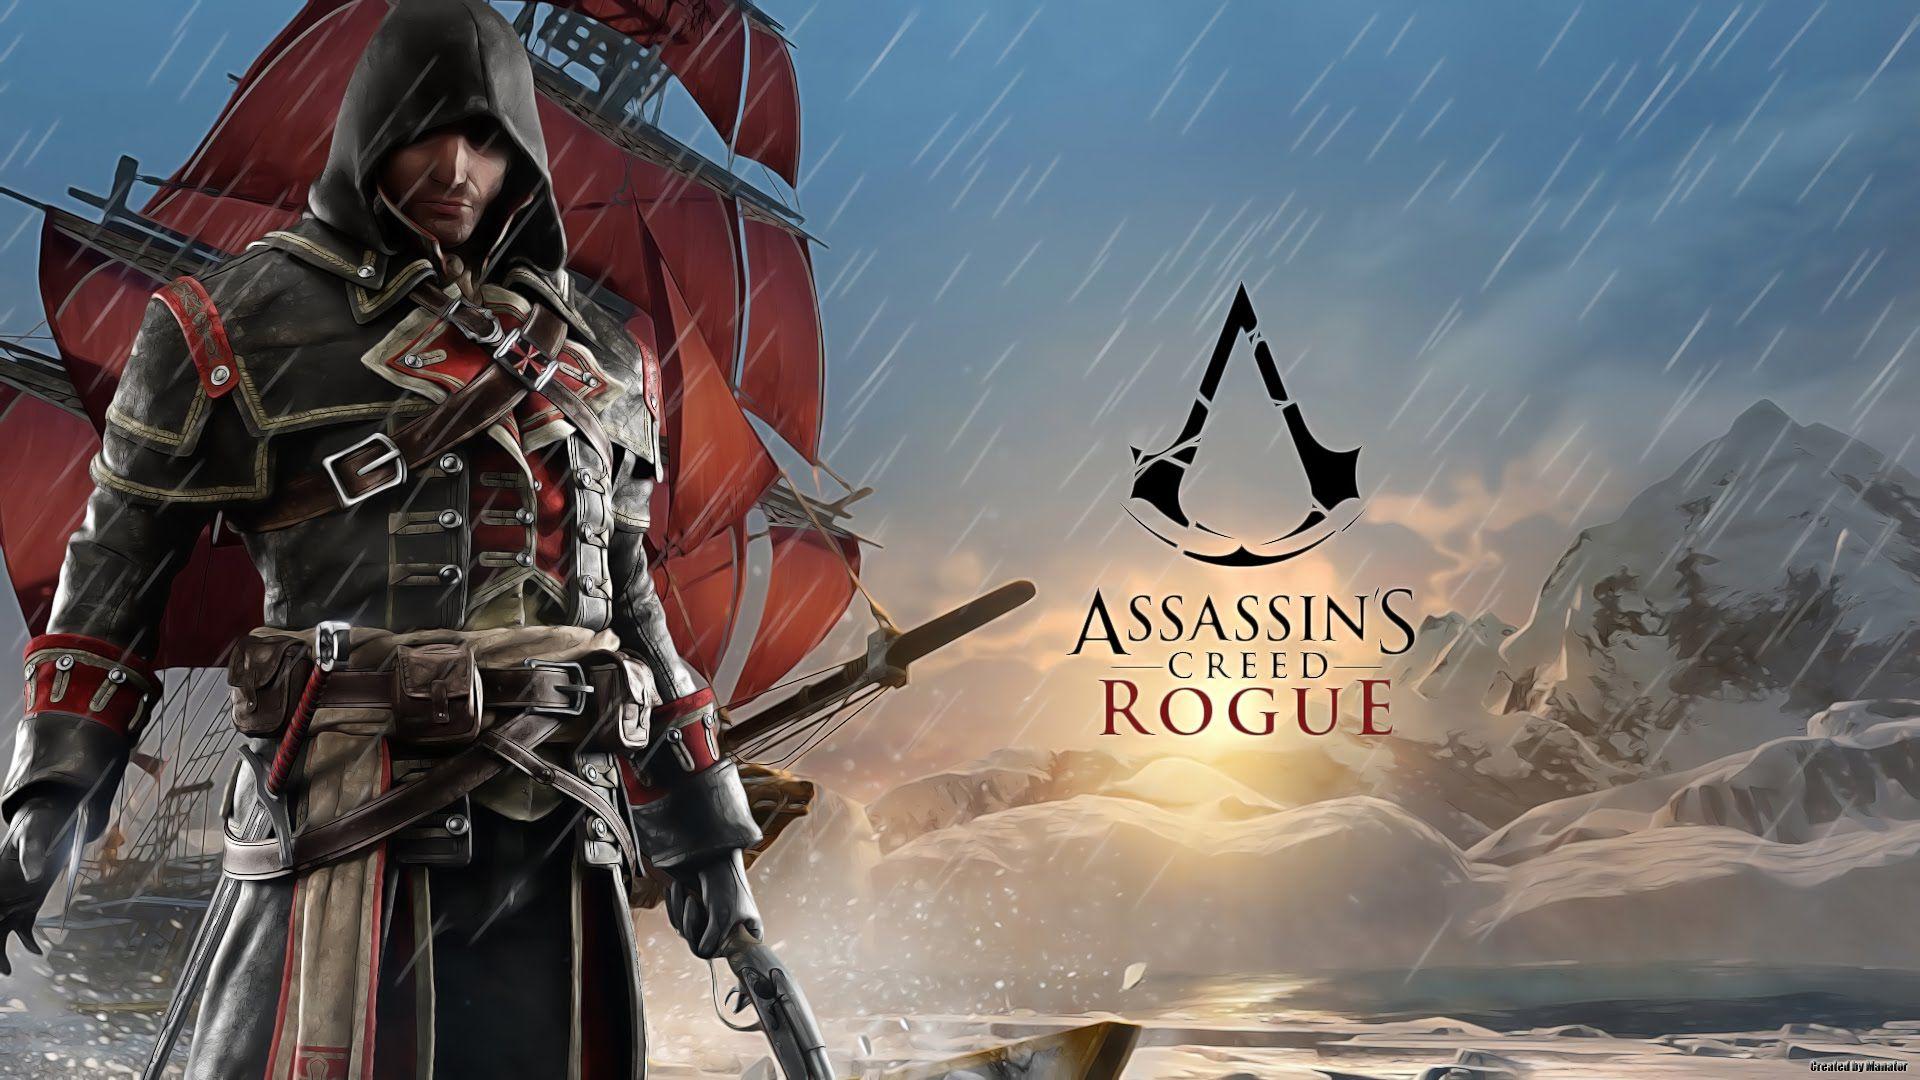 Download Assassins Creed Rogue Codex Size 7 72 Gb Assassin